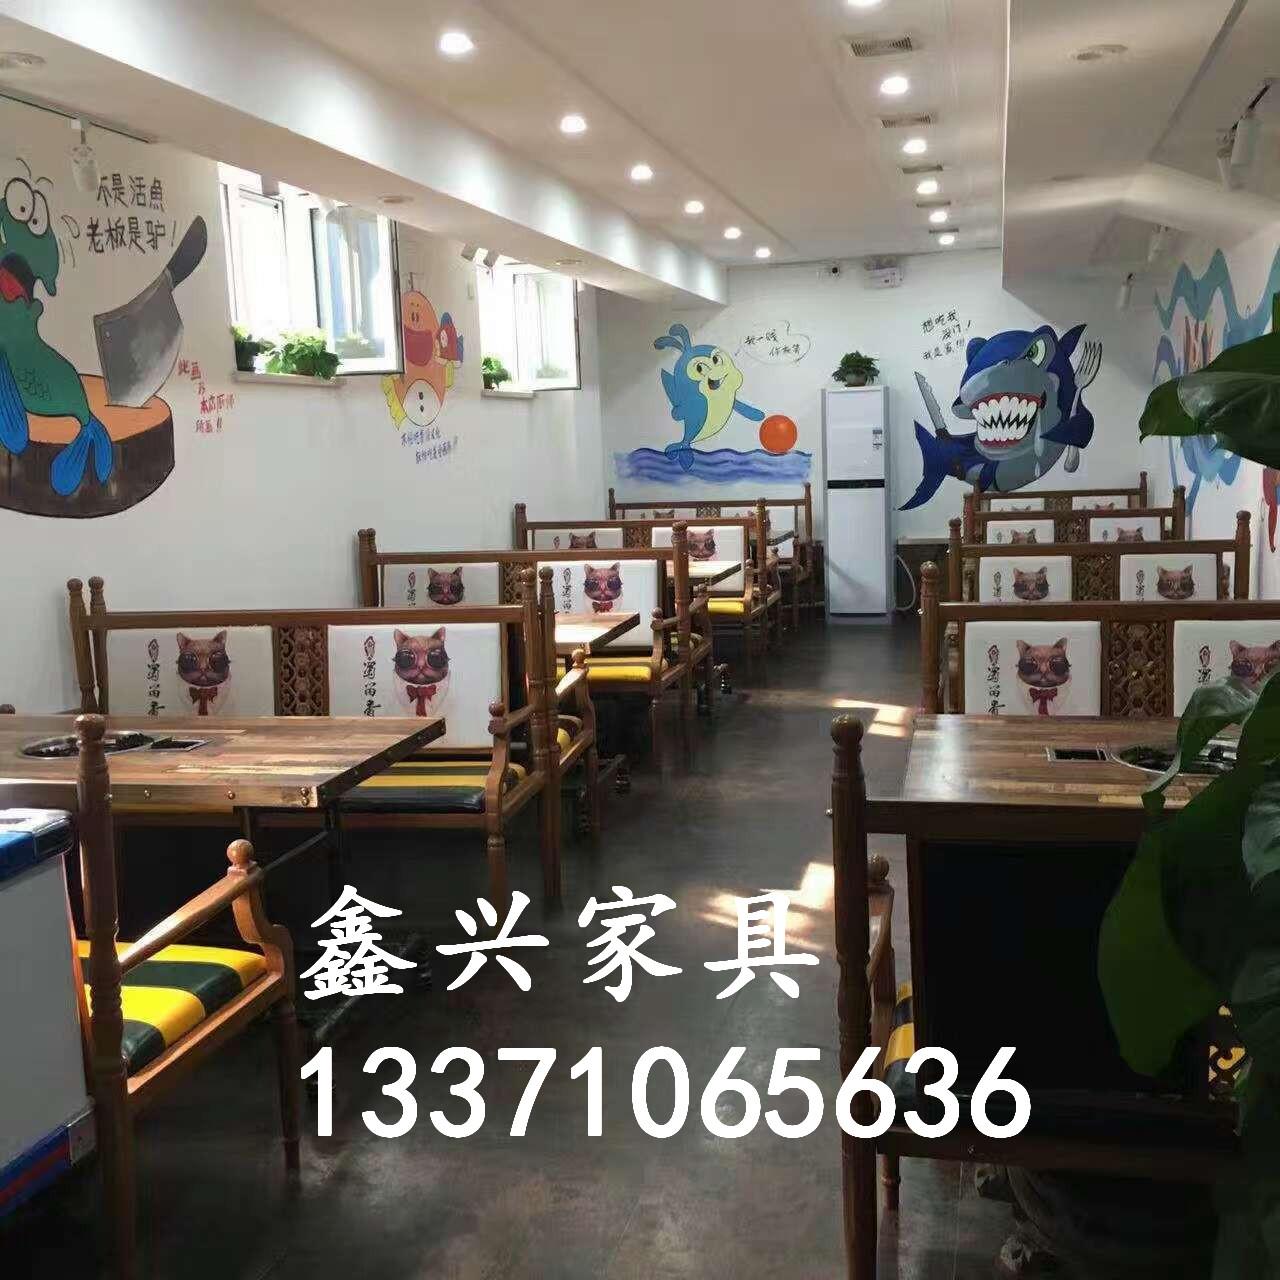 鑫兴卡座咖啡厅沙发西餐厅卡座快餐桌椅 甜品店沙发店桌椅组合批发